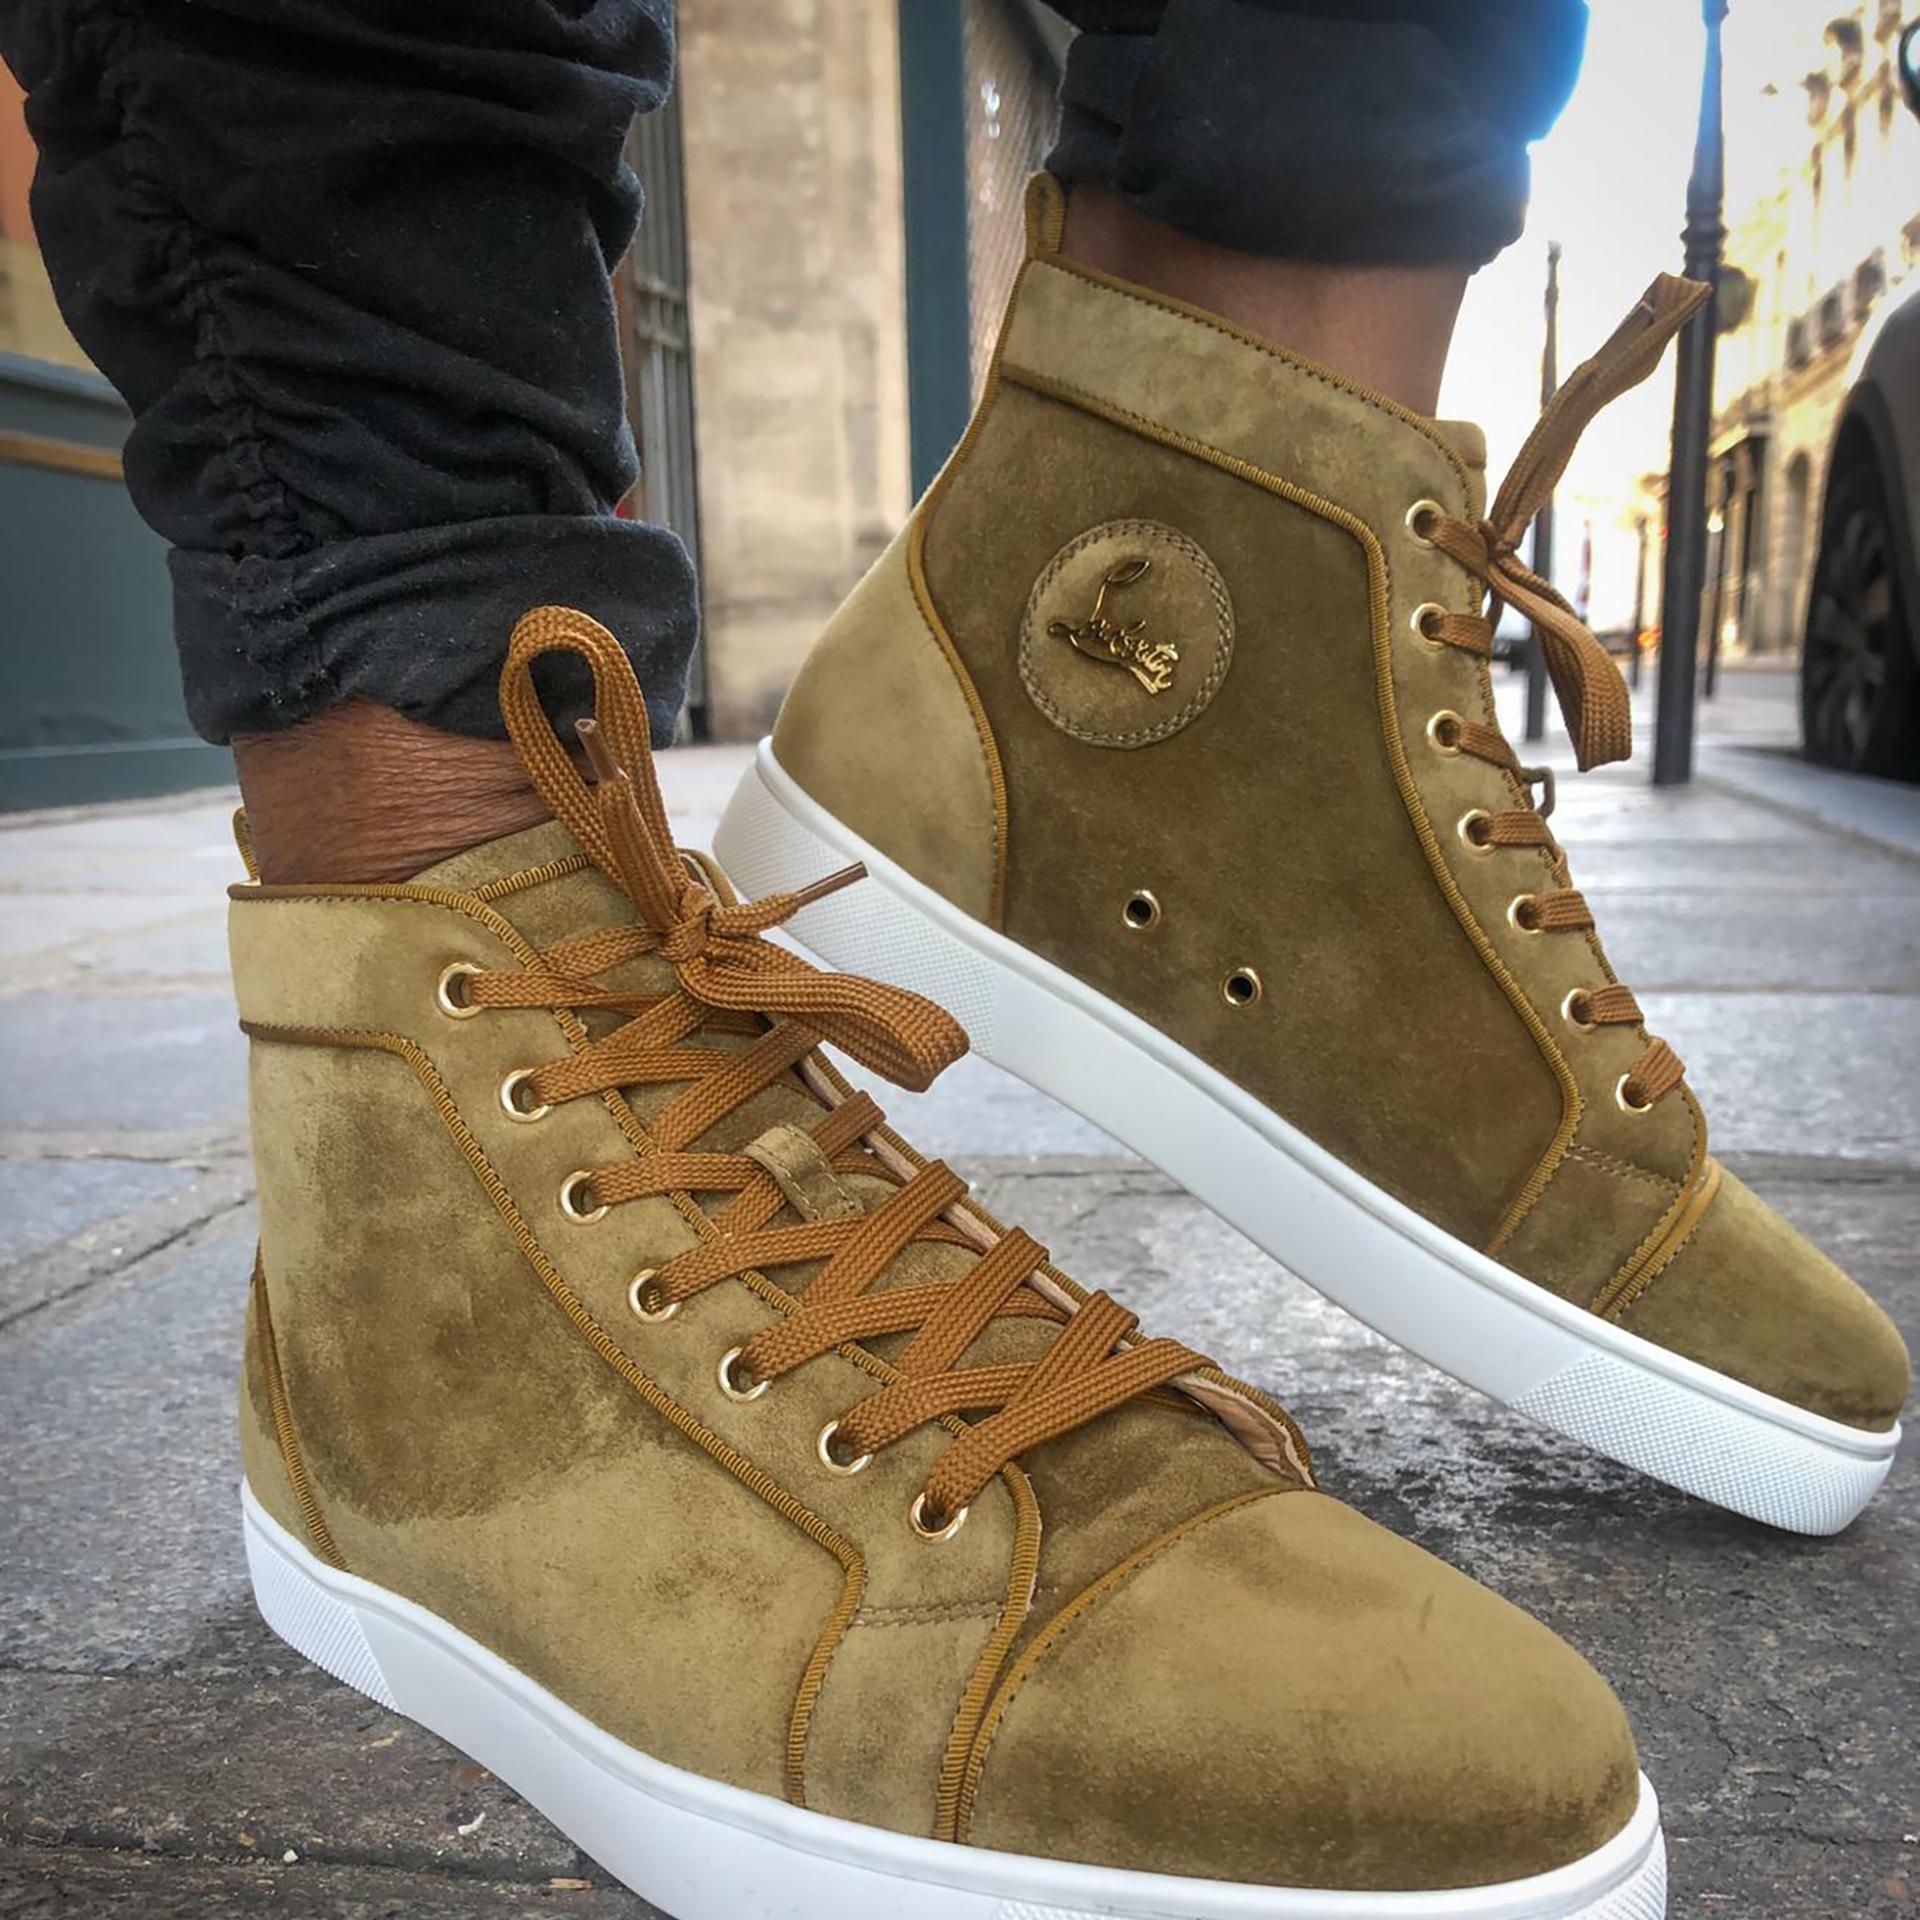 mens luxury sneakers